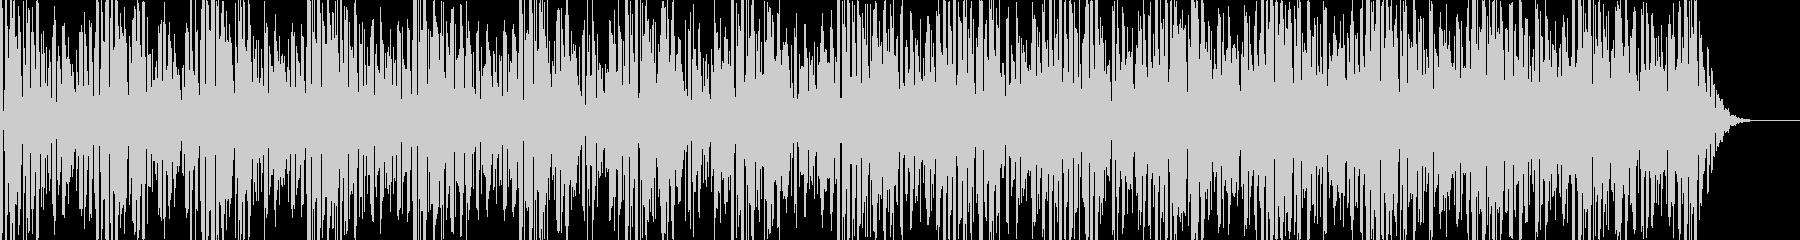 実用的シンセの無機質アンビエントBGM8の未再生の波形